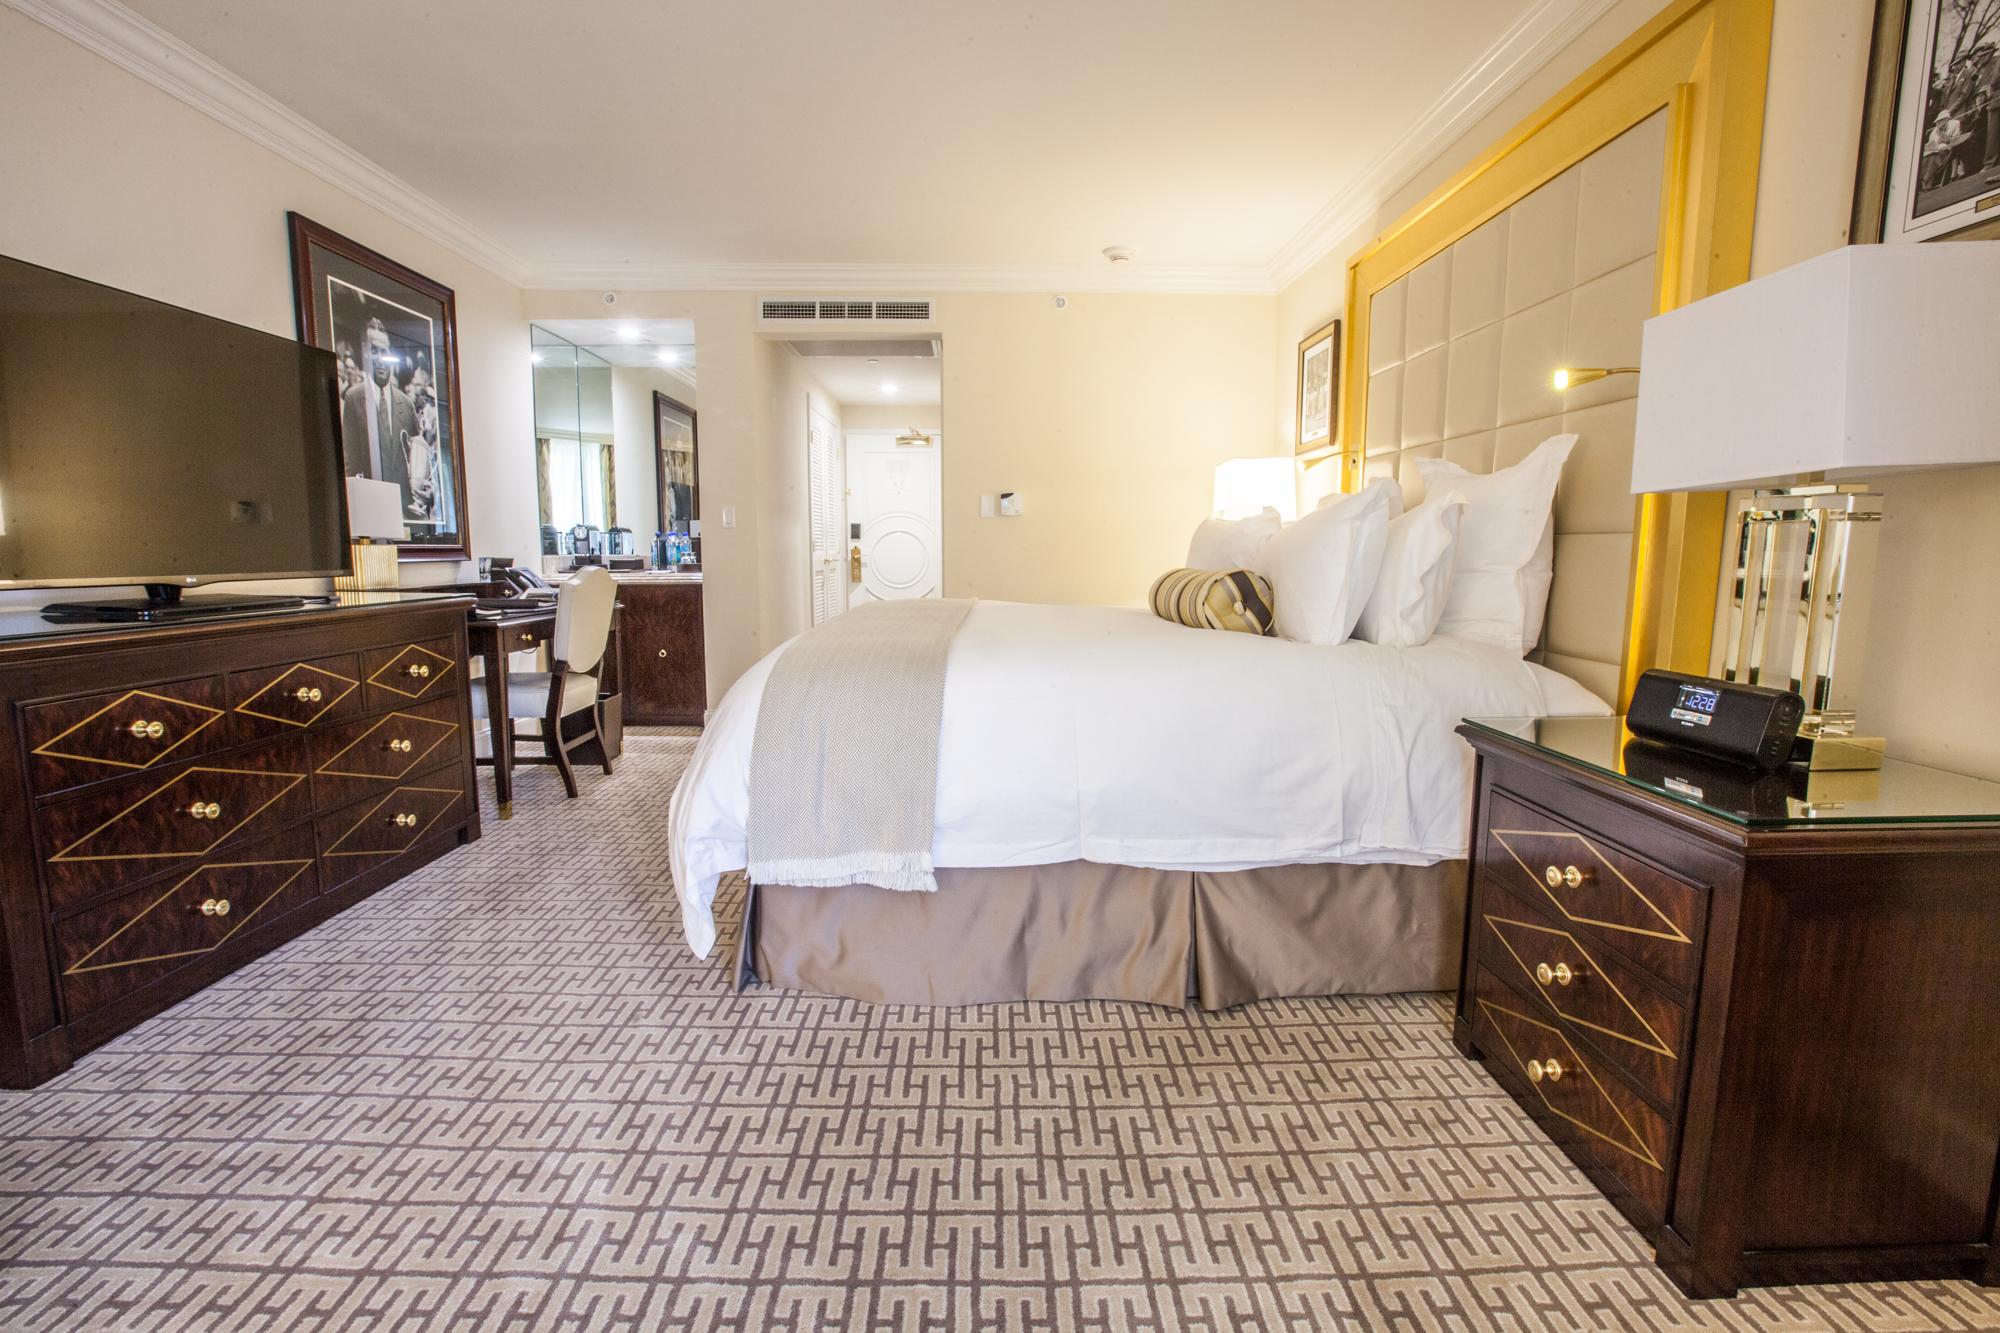 Commercial Floor Installation | Trump Resort Doral